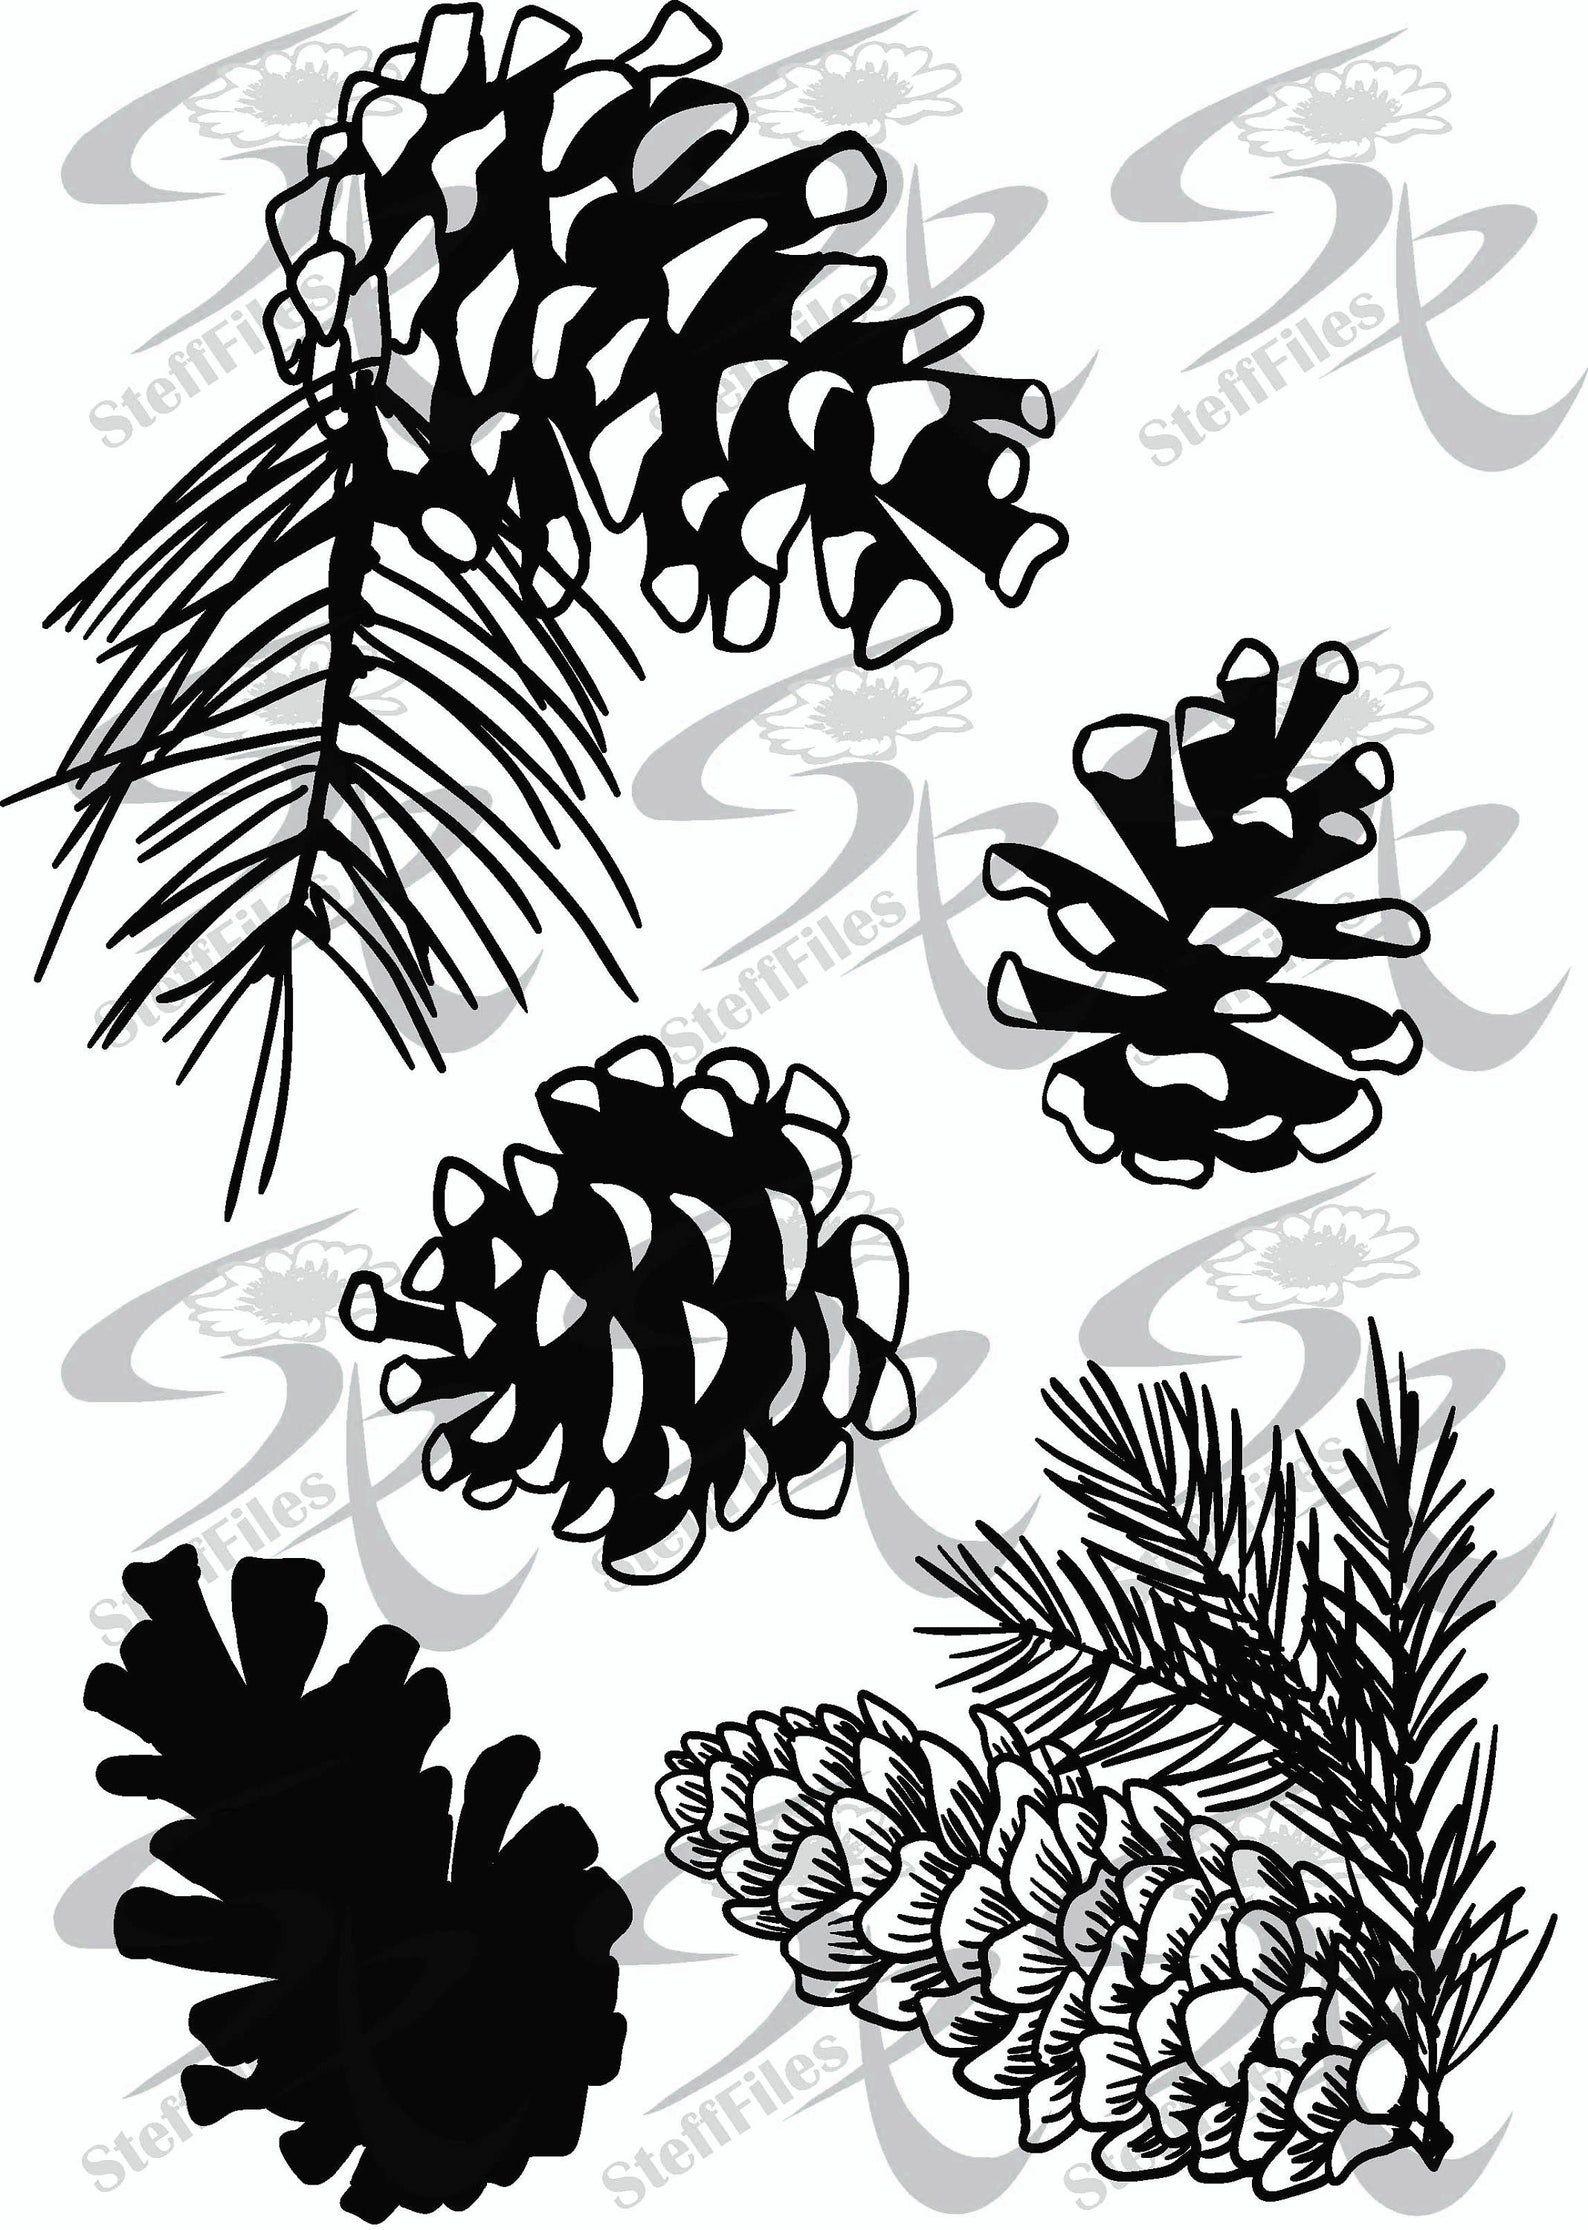 Vector Pine Cones Pine Cone Etsy Pine Cone Drawing Pine Cones Graphic